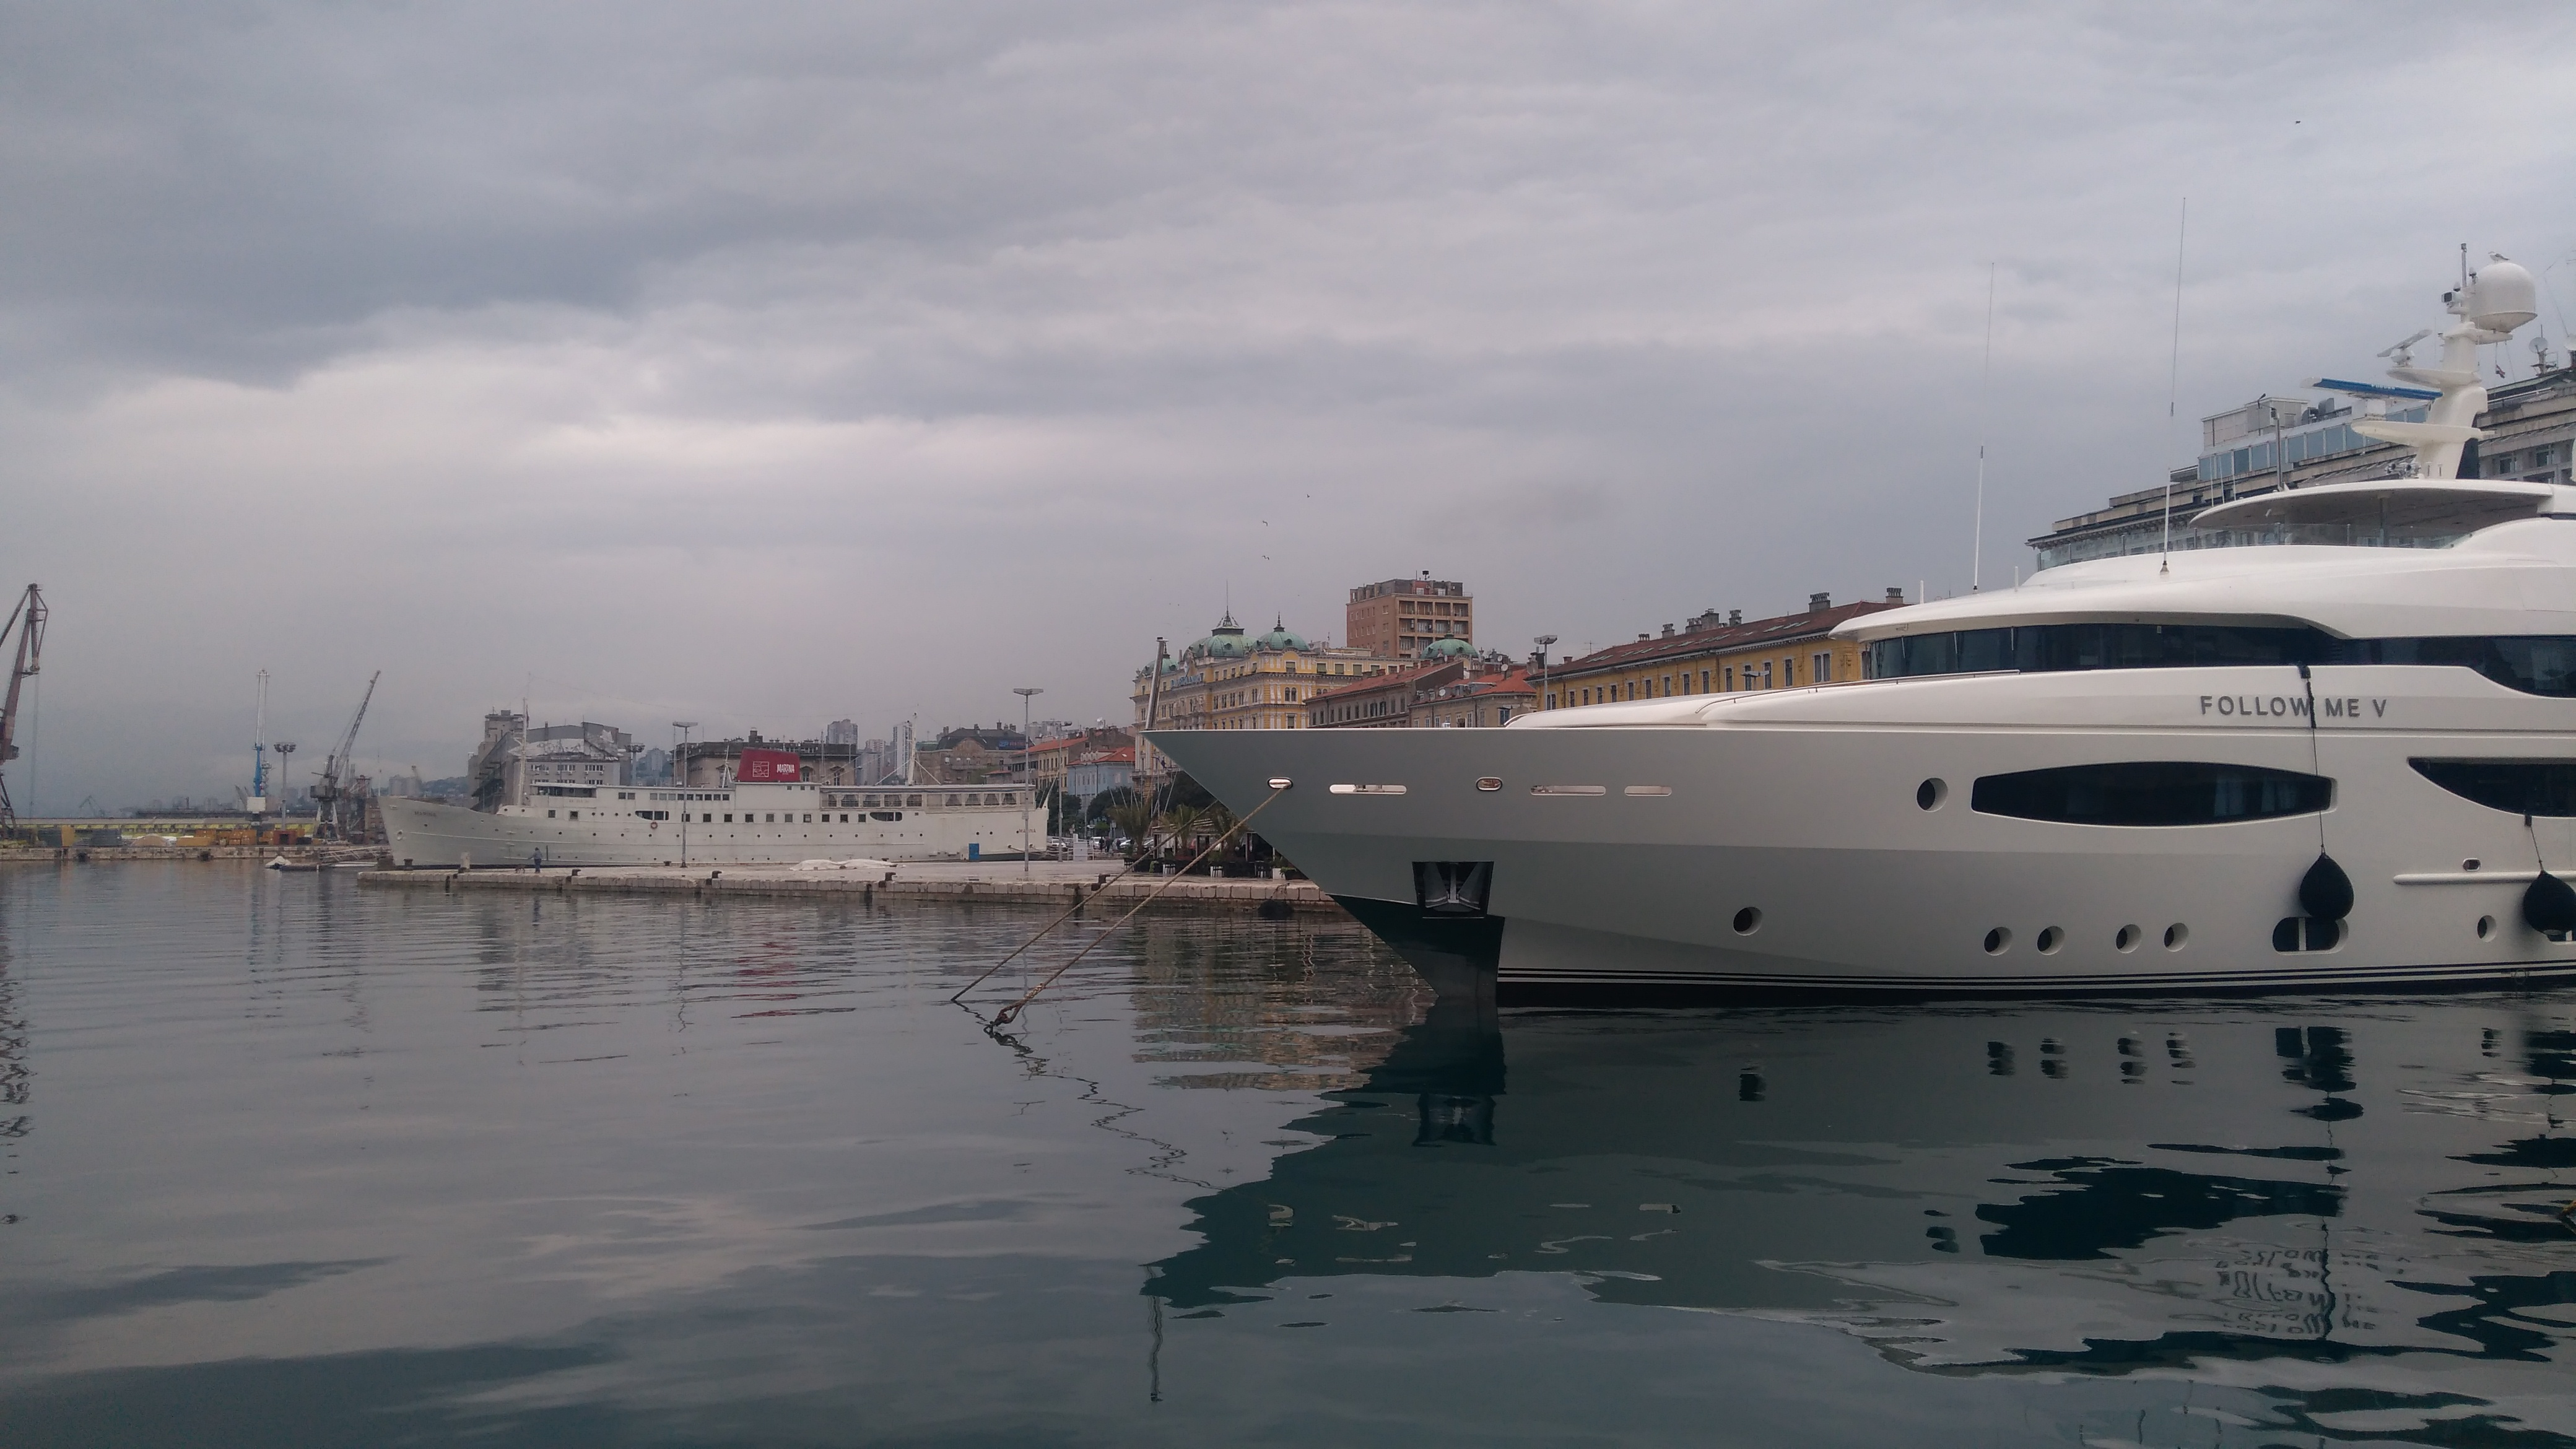 hajók a kikötőben